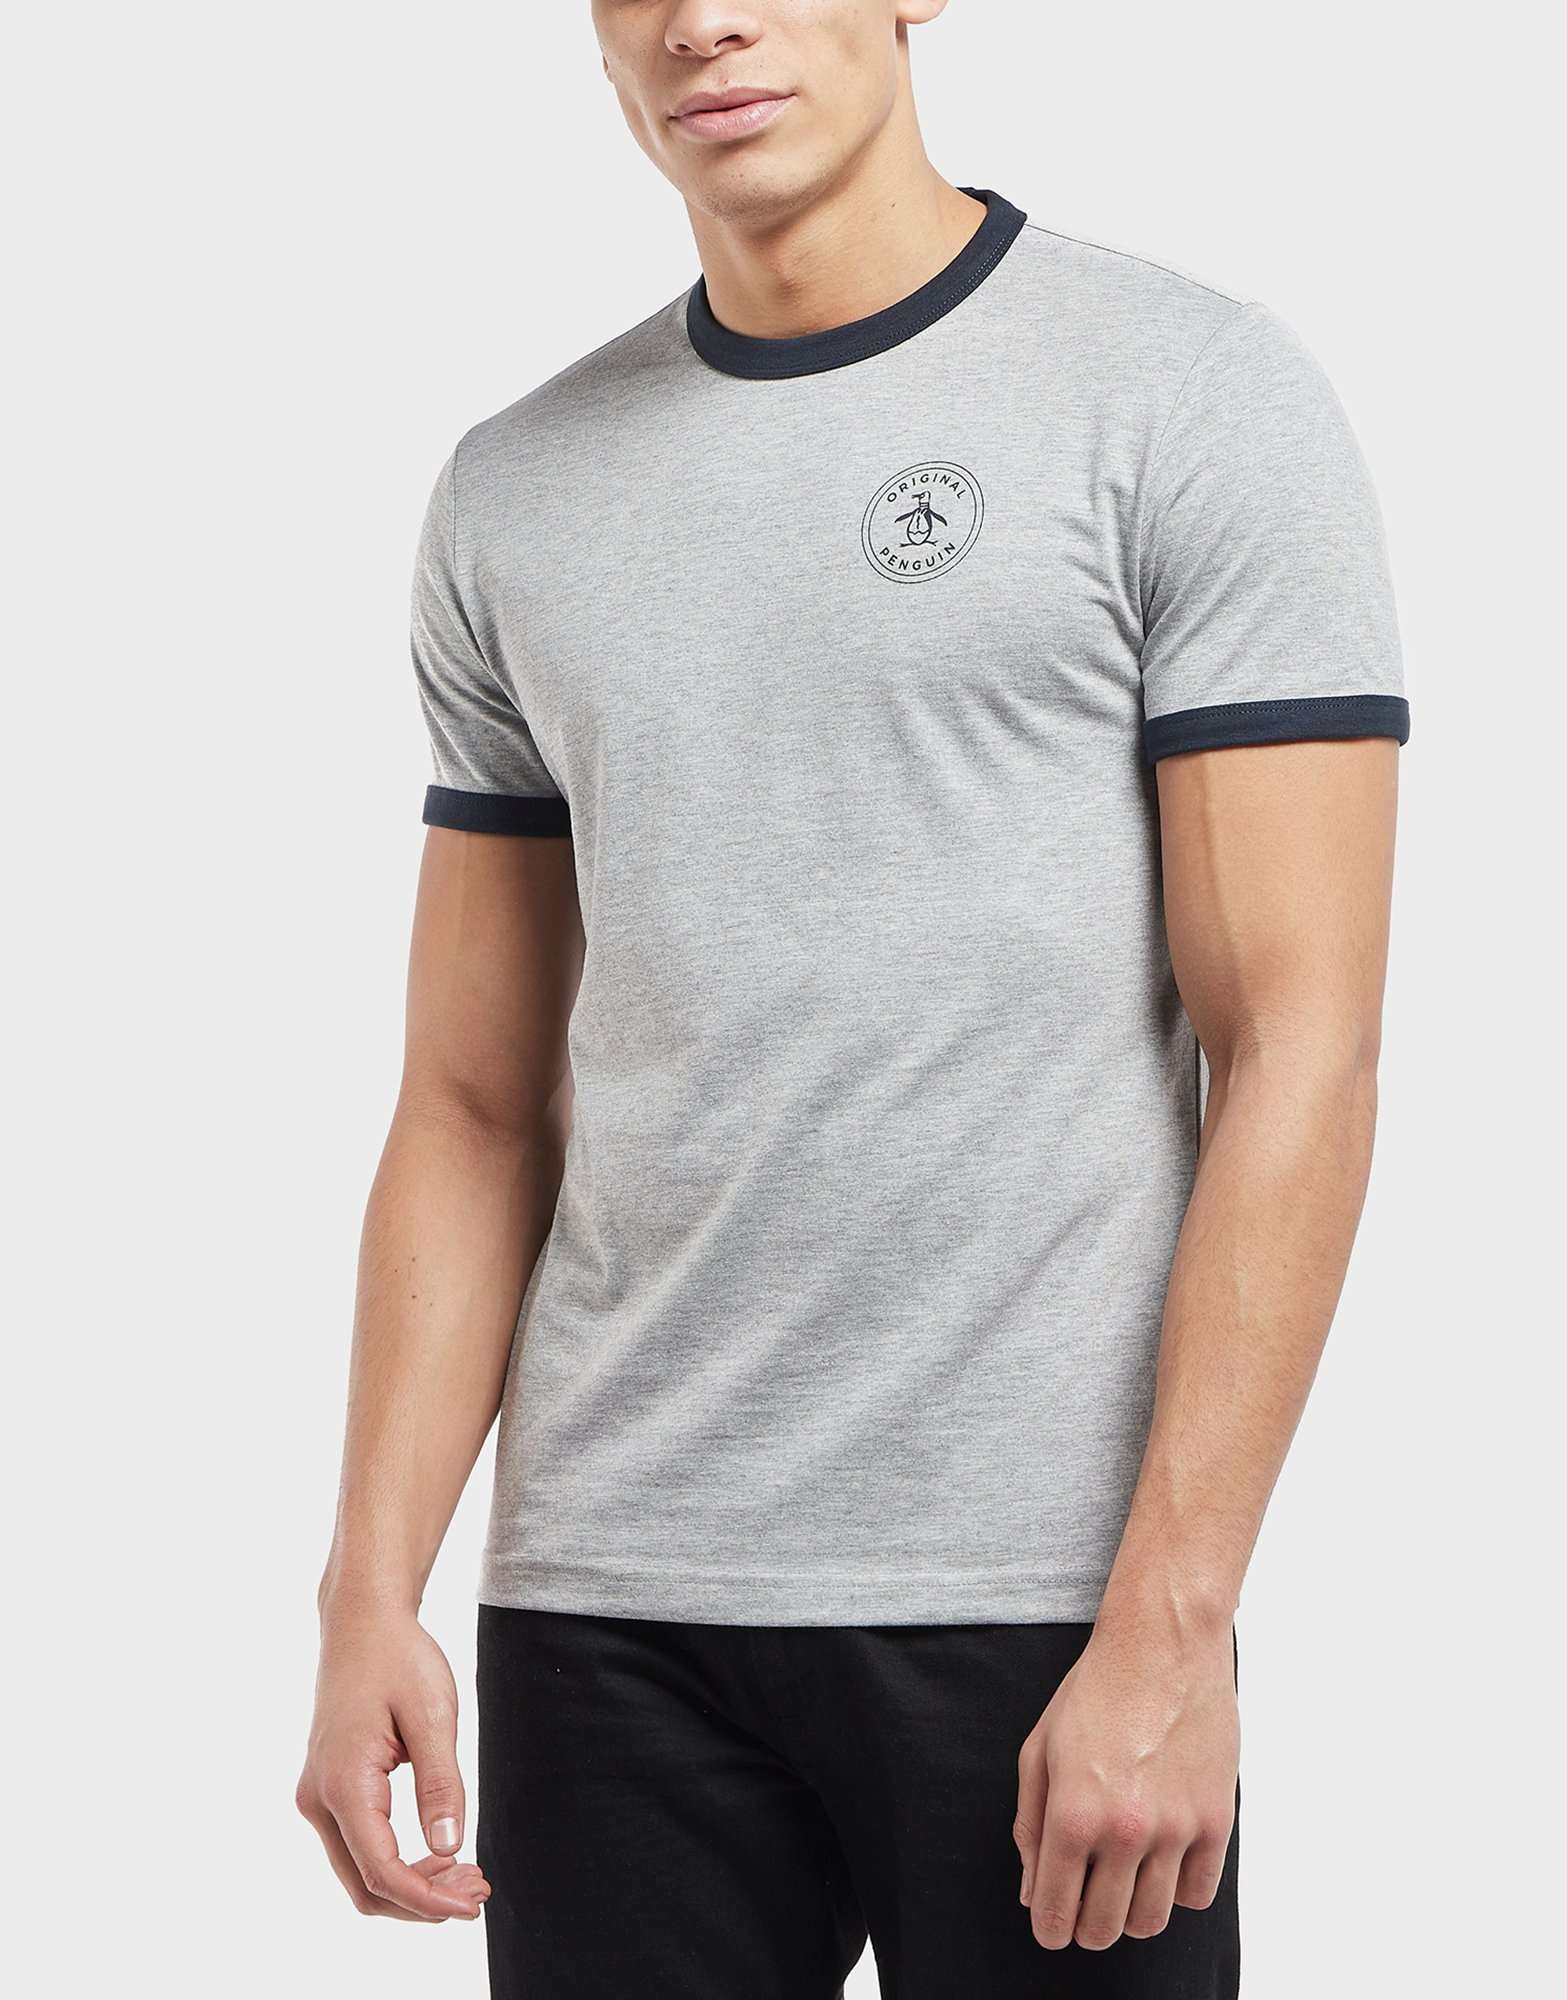 Original Penguin Short Sleeve Ringer T-Shirt